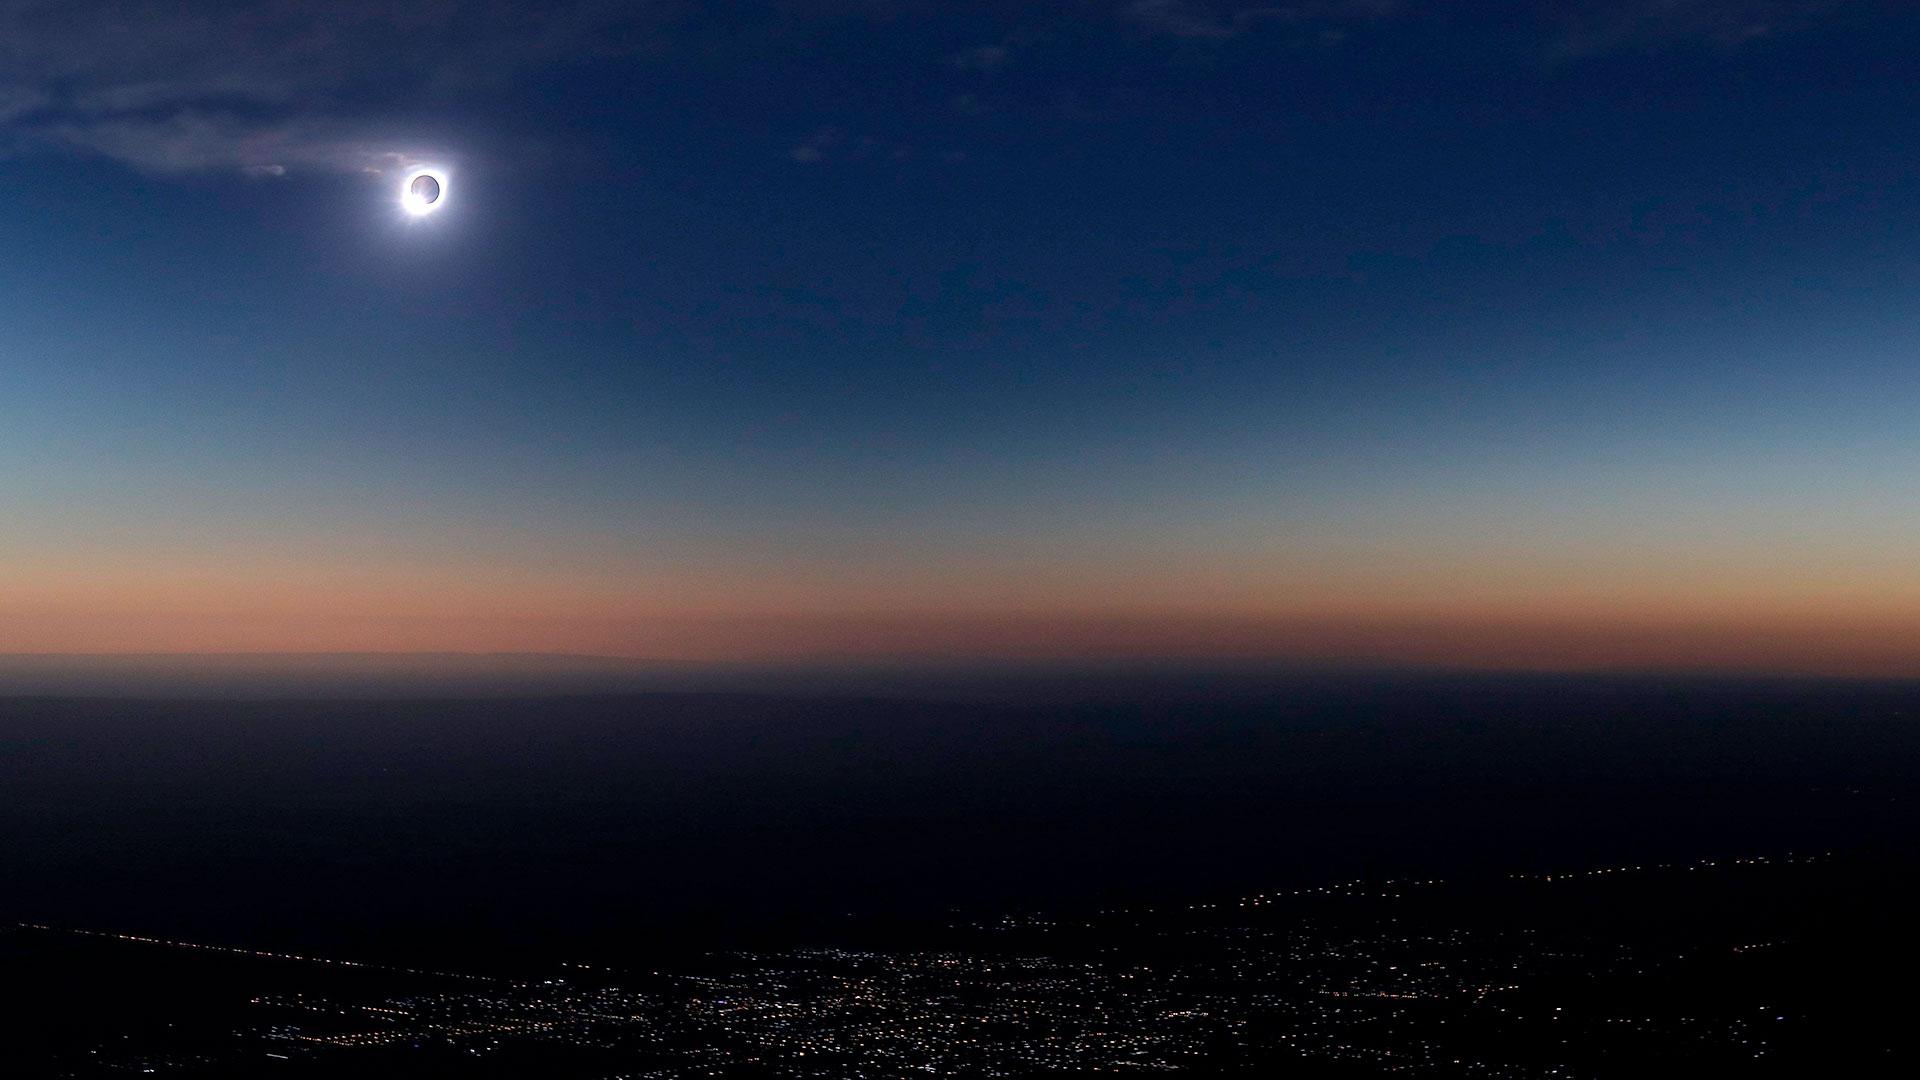 La luna tapa gran parte del sol durante eleclipsesolar total en la ciudad de Merlo, San Luis (Argentina) (EFE/Nicolas Aguilera9